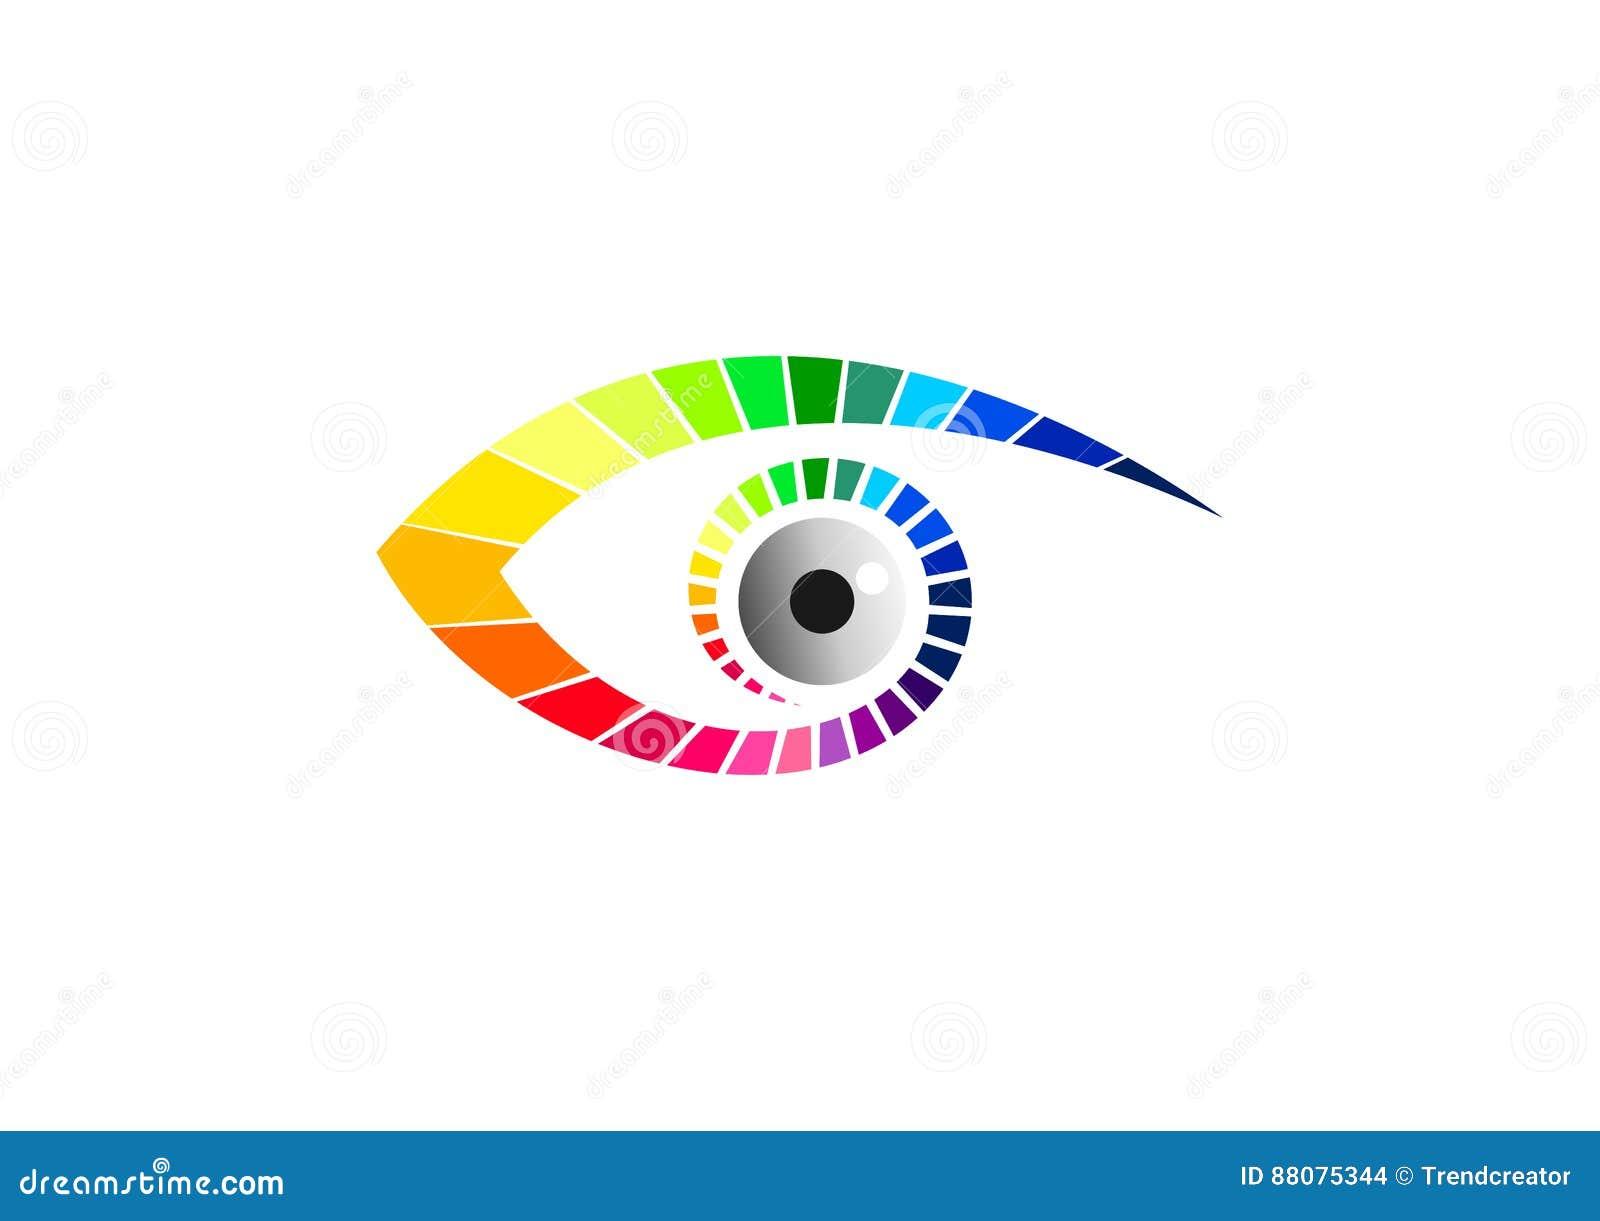 Mustern Sie Logo, Optiksymbol, Modegläser Ikone, Schönheitssichtmarke, Luxusvisionsgraphik und Kontaktlinsekonzeptdesign